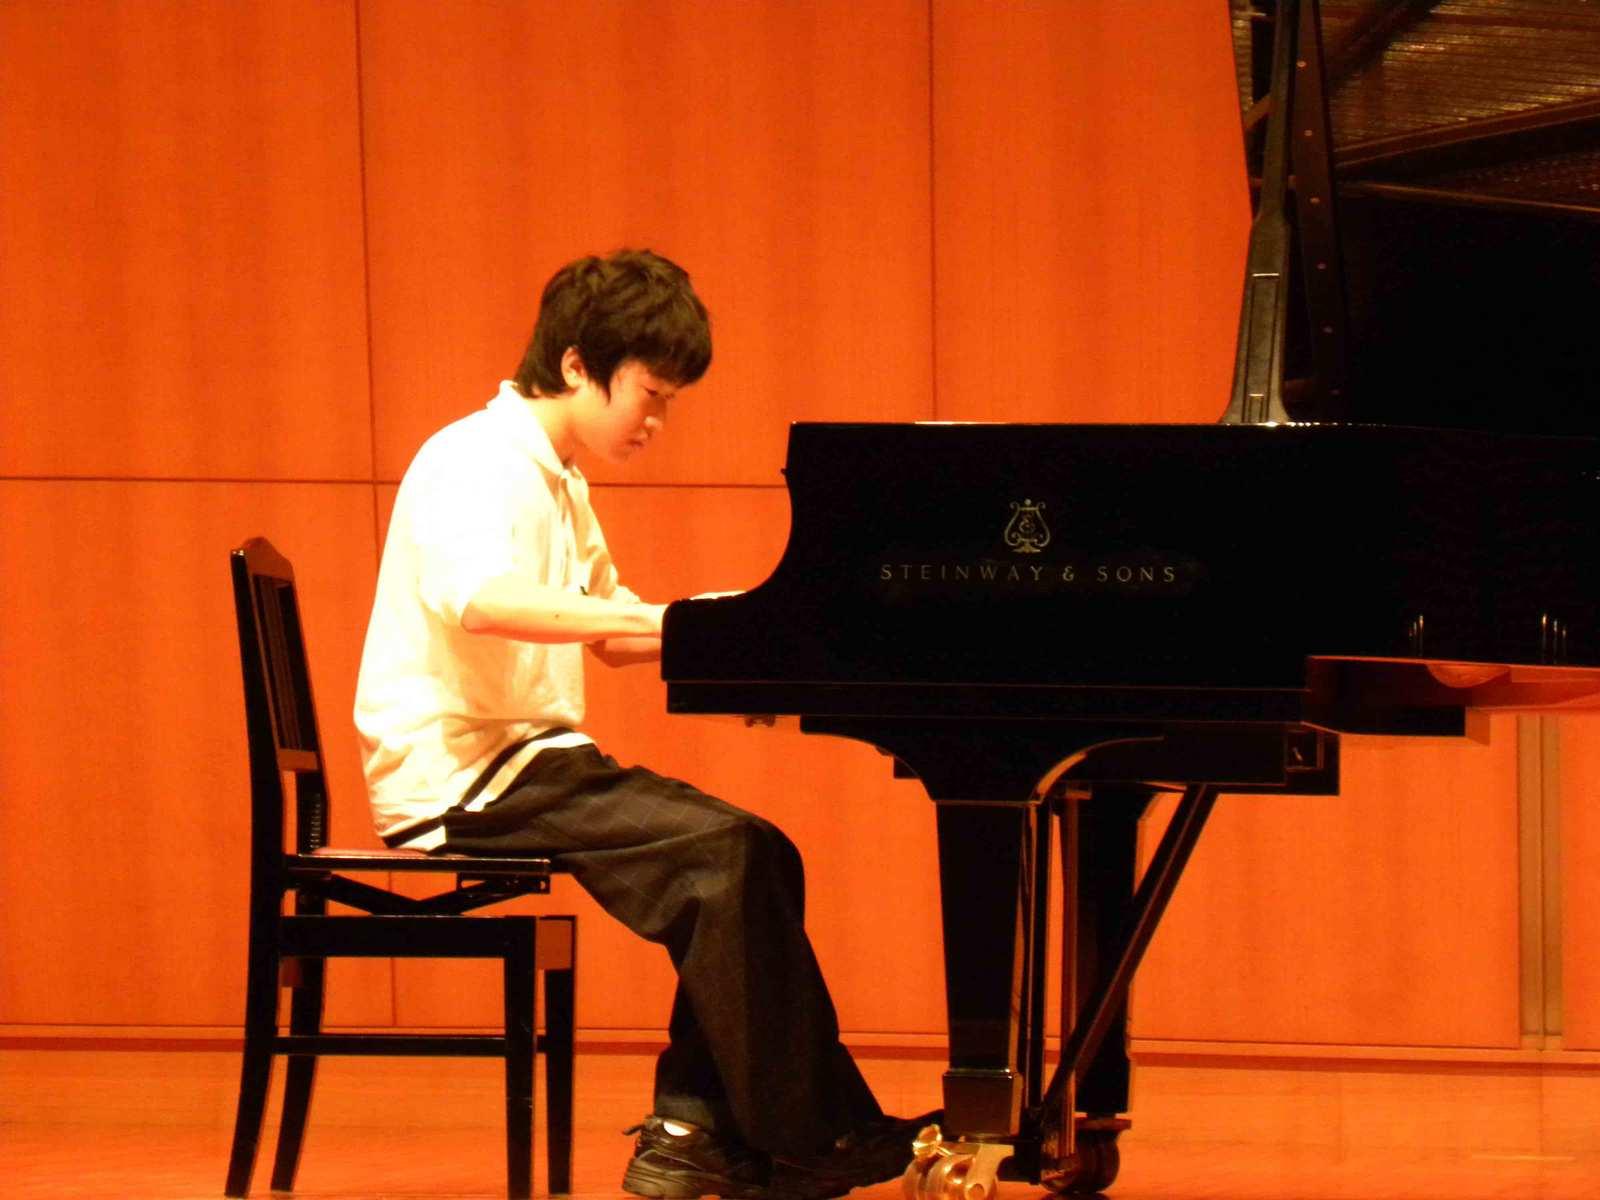 宮城 県 ジュニア ピアノ コンクール NPO法人 東北青少年音楽コンクール委員会